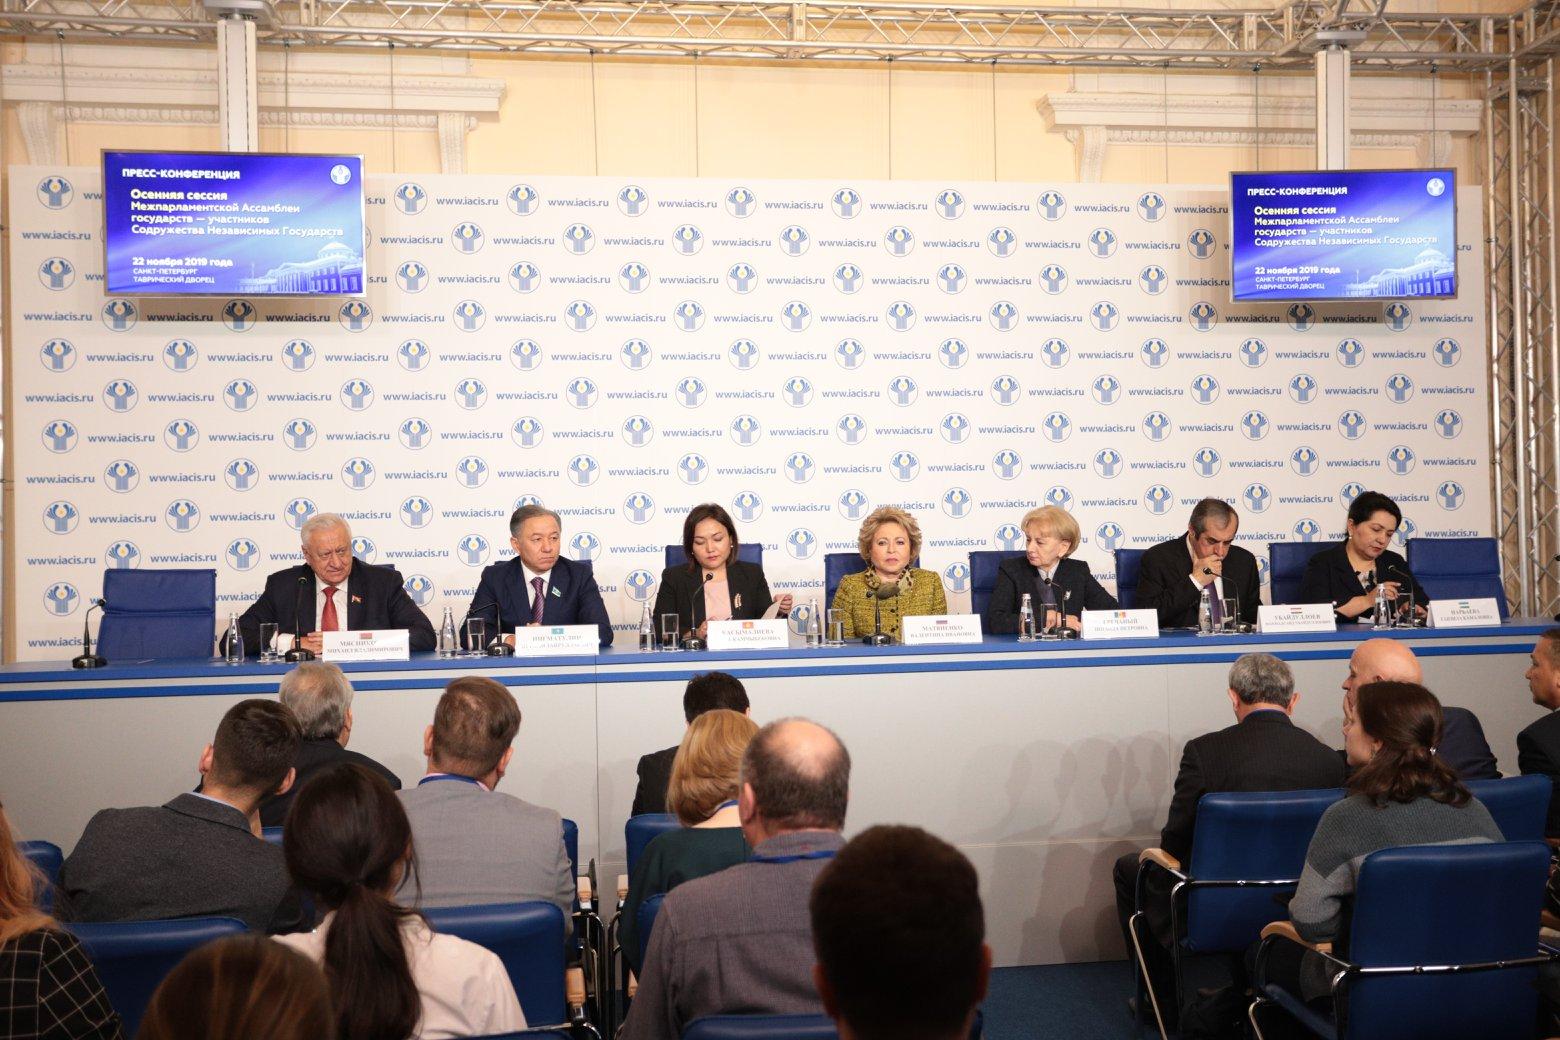 Гречаный: Наши приоритеты – привлечение инвестиций, развитие экономики и социальная защита населения